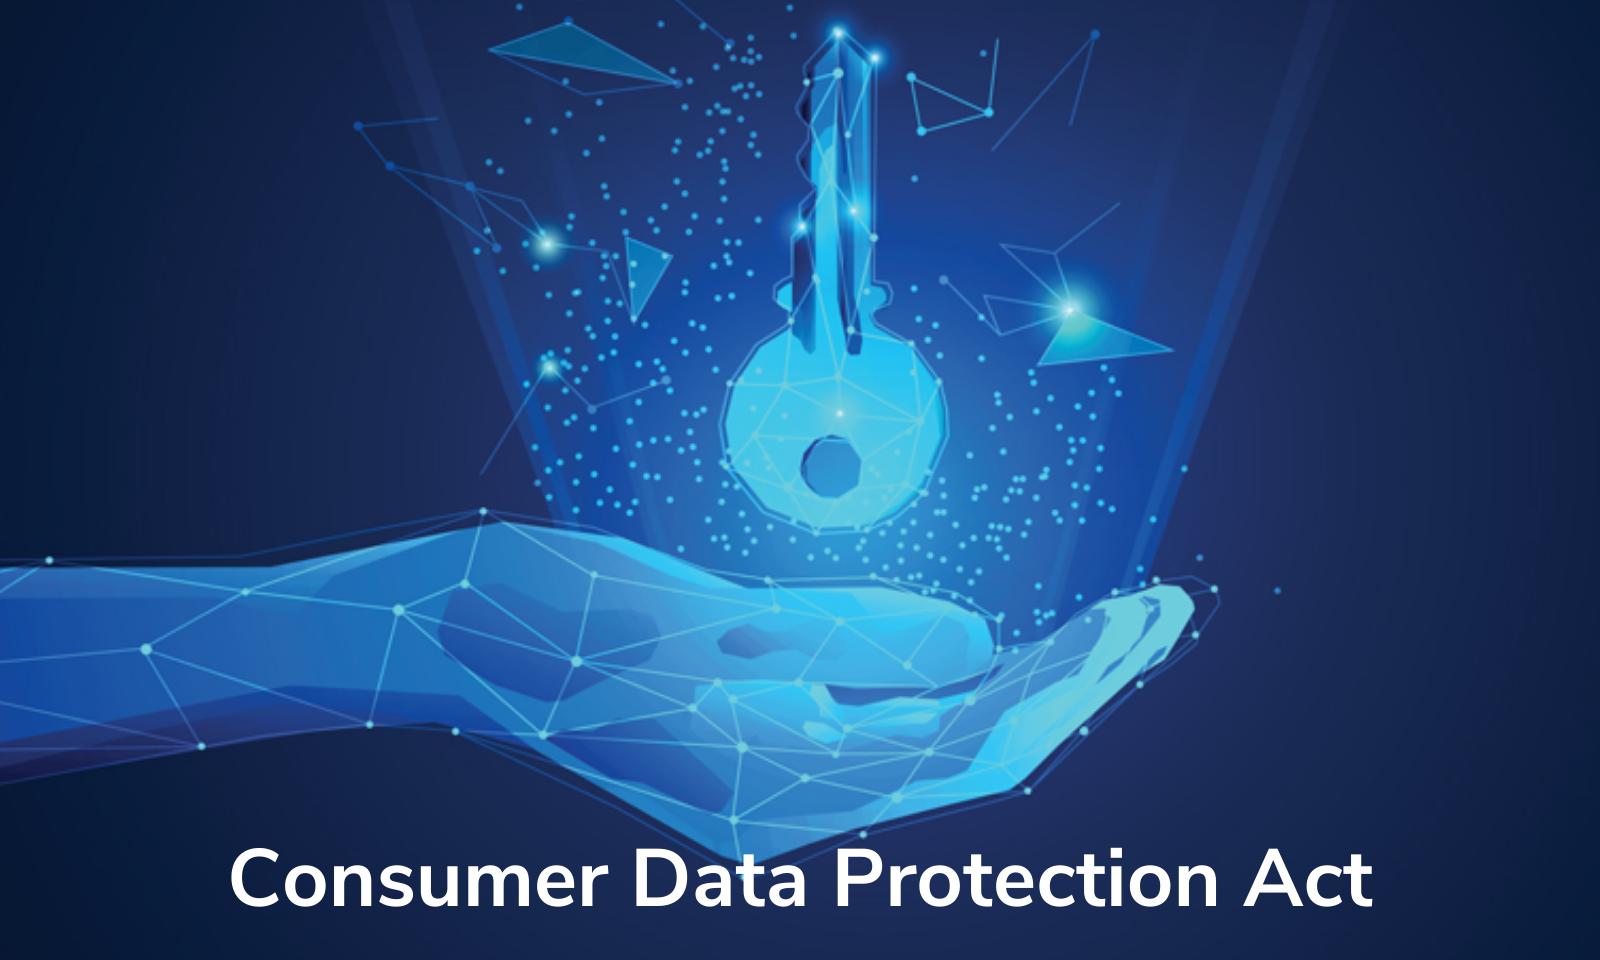 Lei de Proteção de Dados do Consumidor